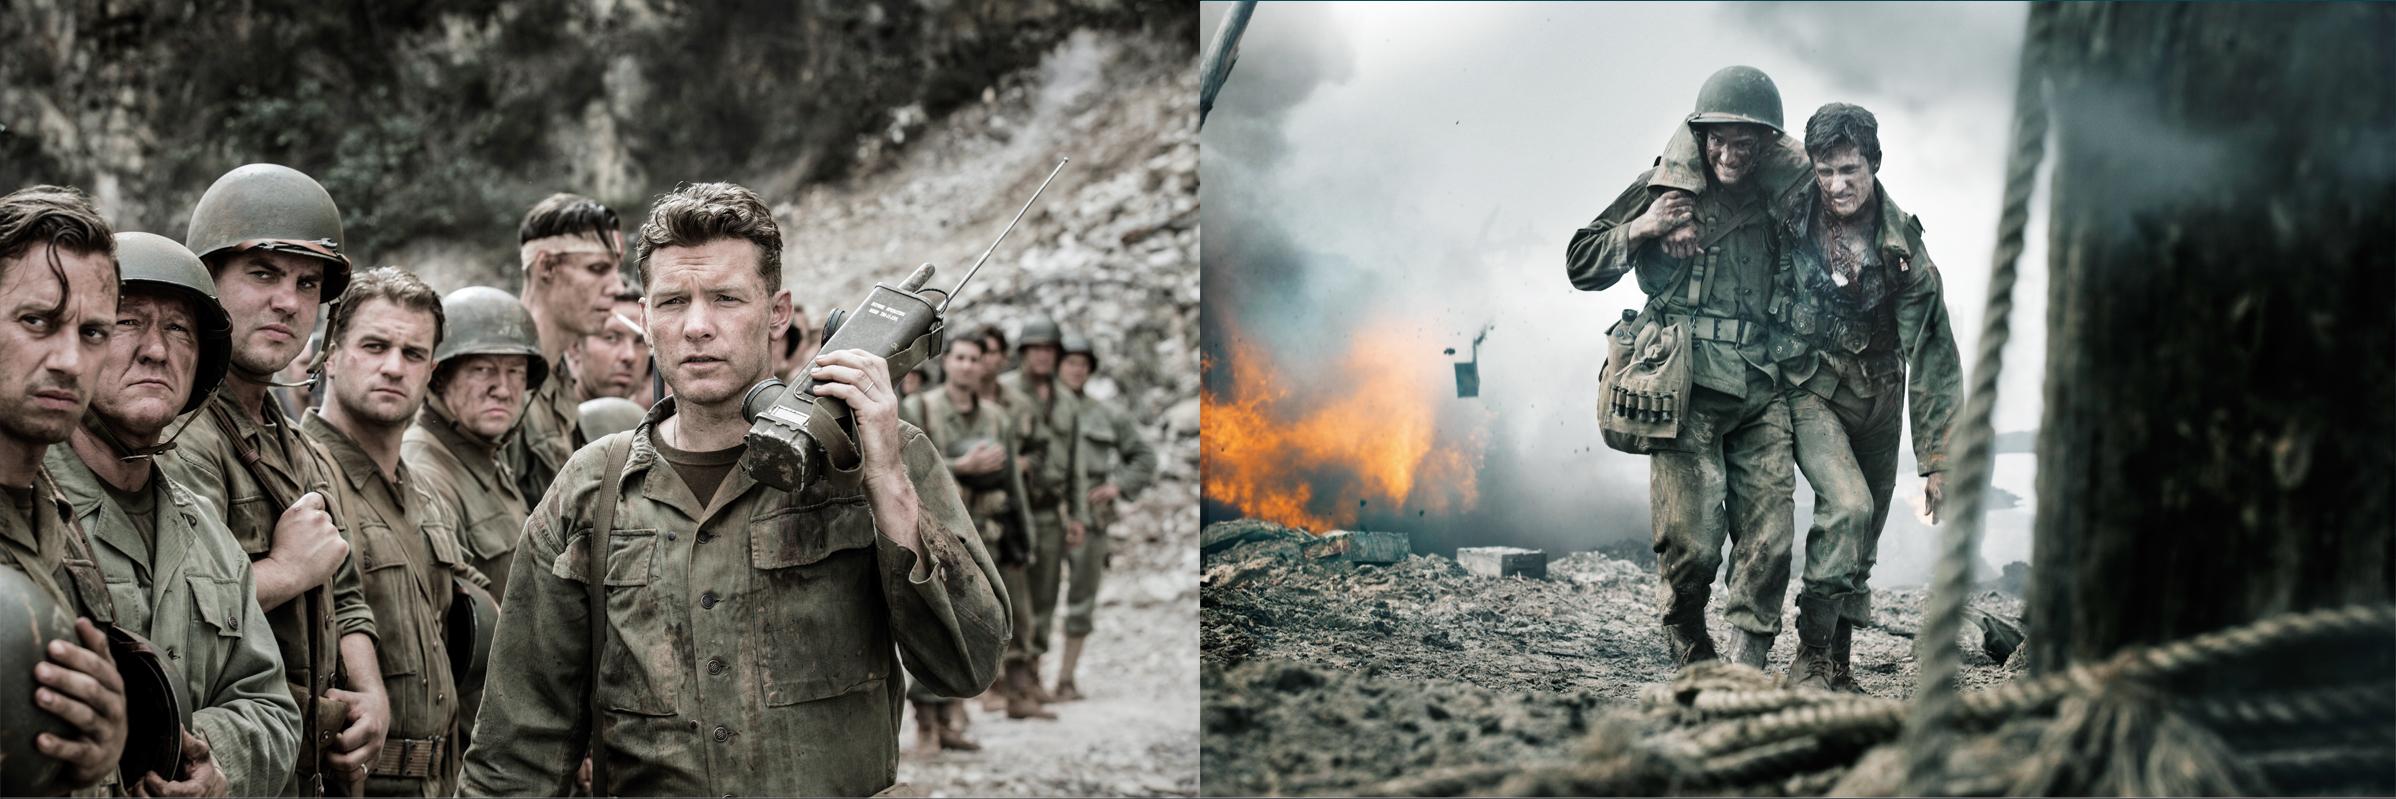 日本の戦争映画『ハクソー・リッジ』